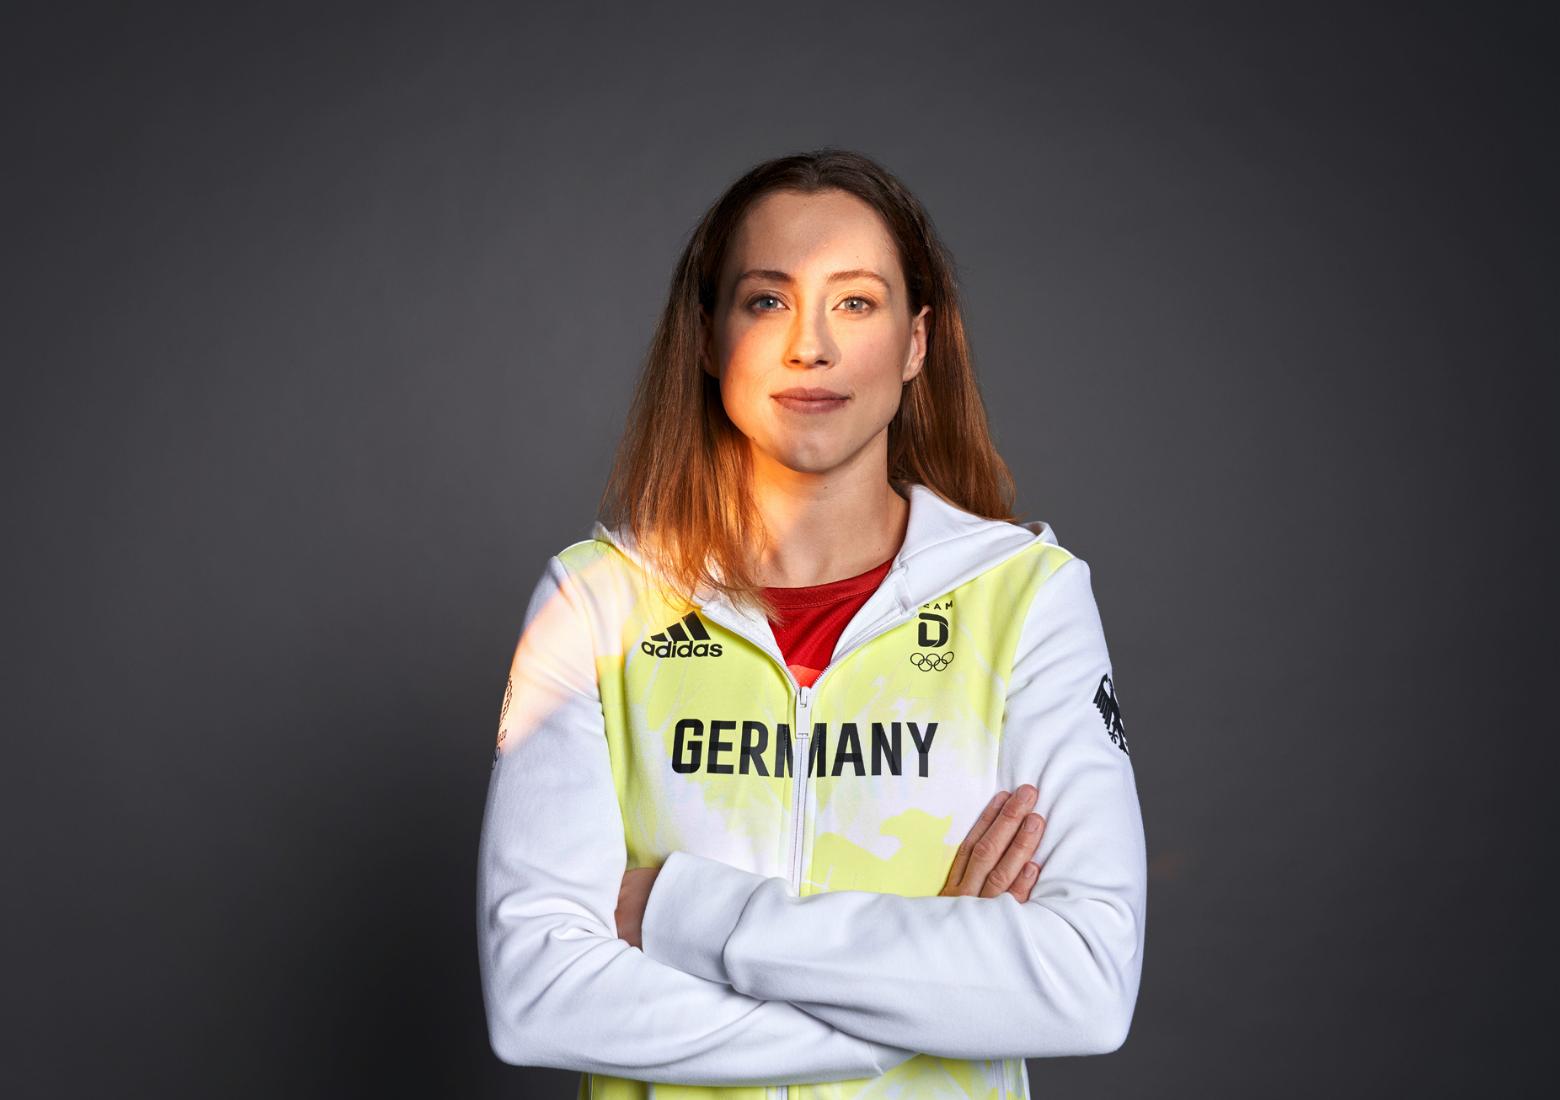 Das trägt Team Deutschland in Tokio